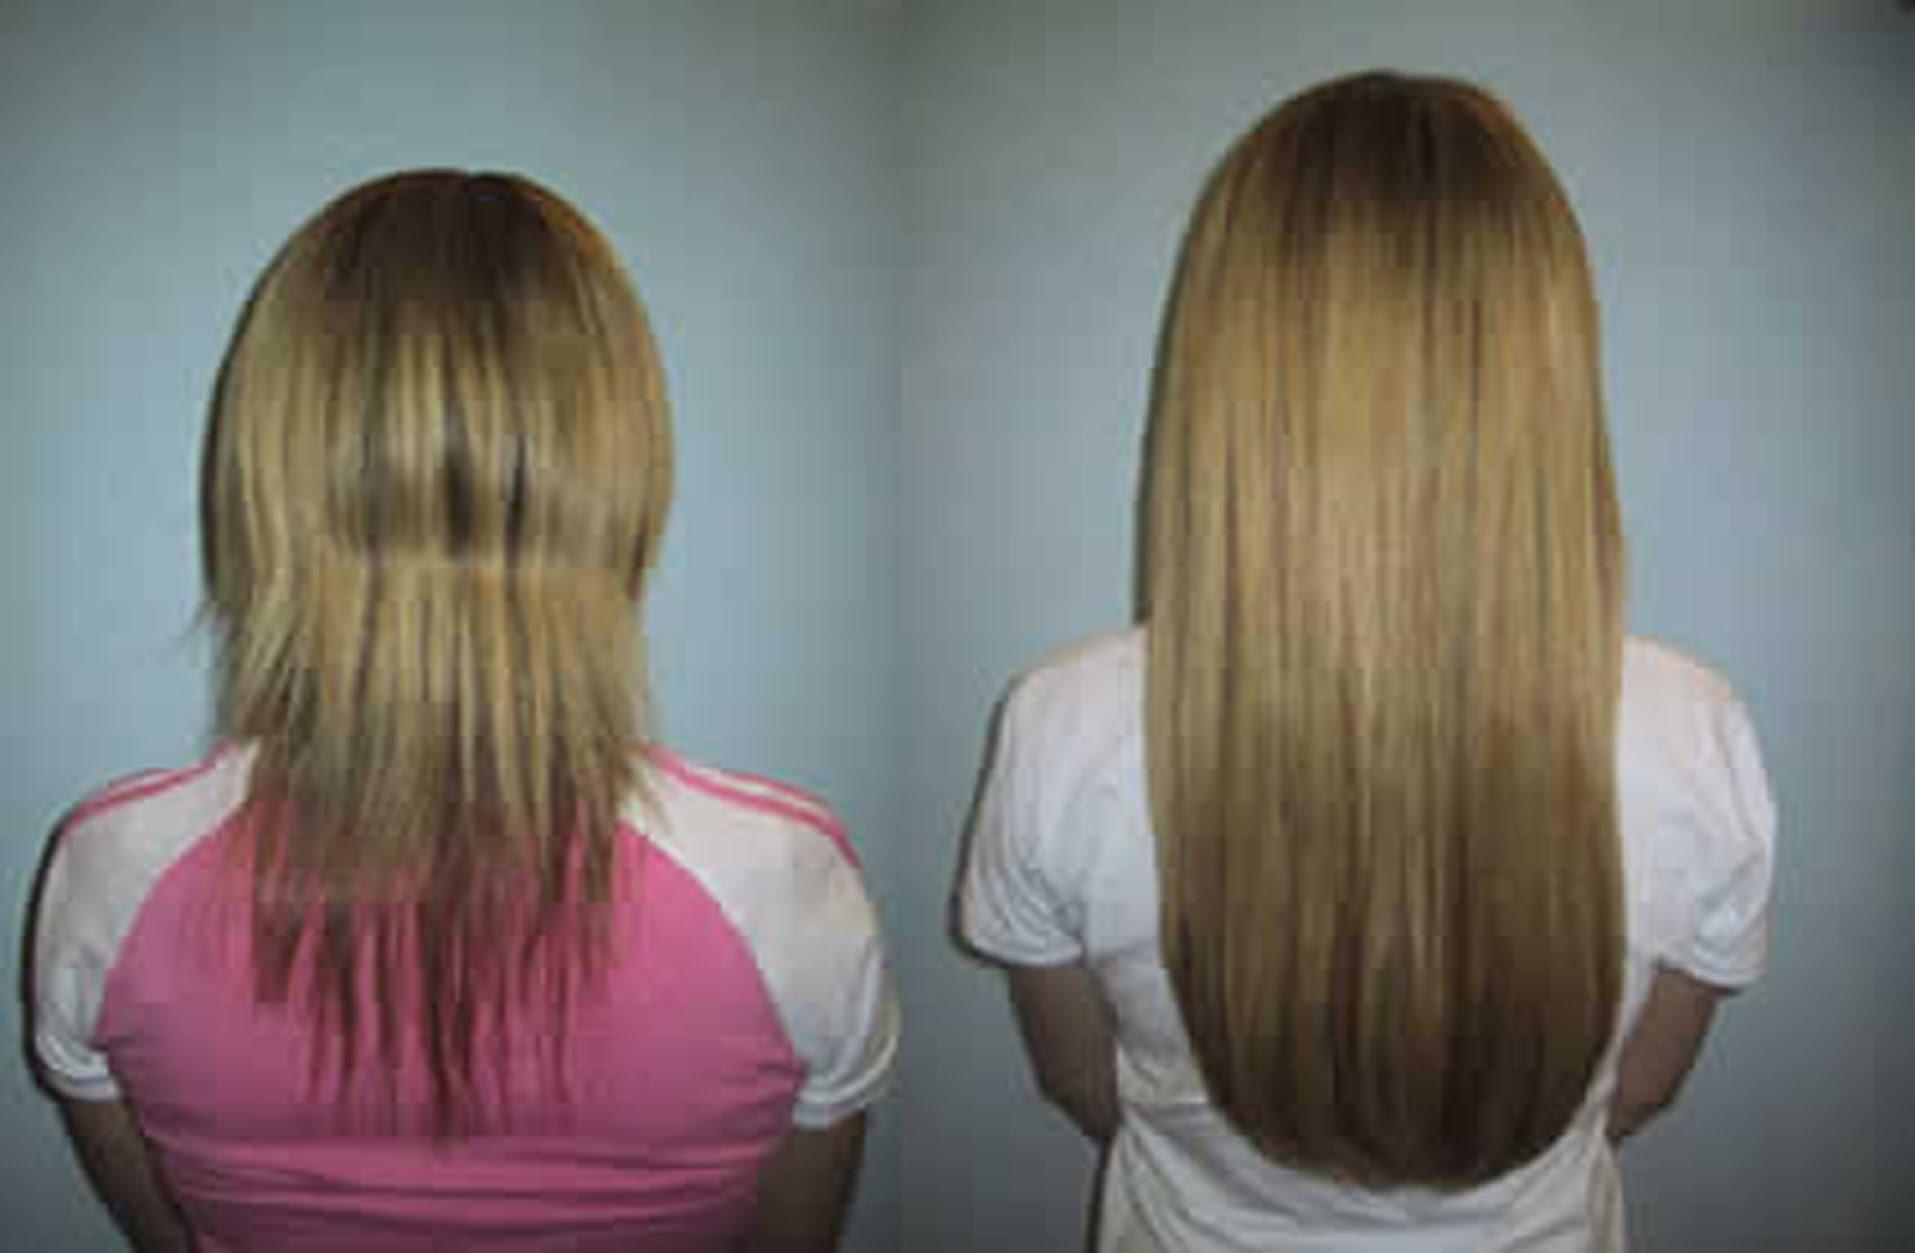 بالصور لتطويل الشعر , الشعر الطويل نعمه 1024 2